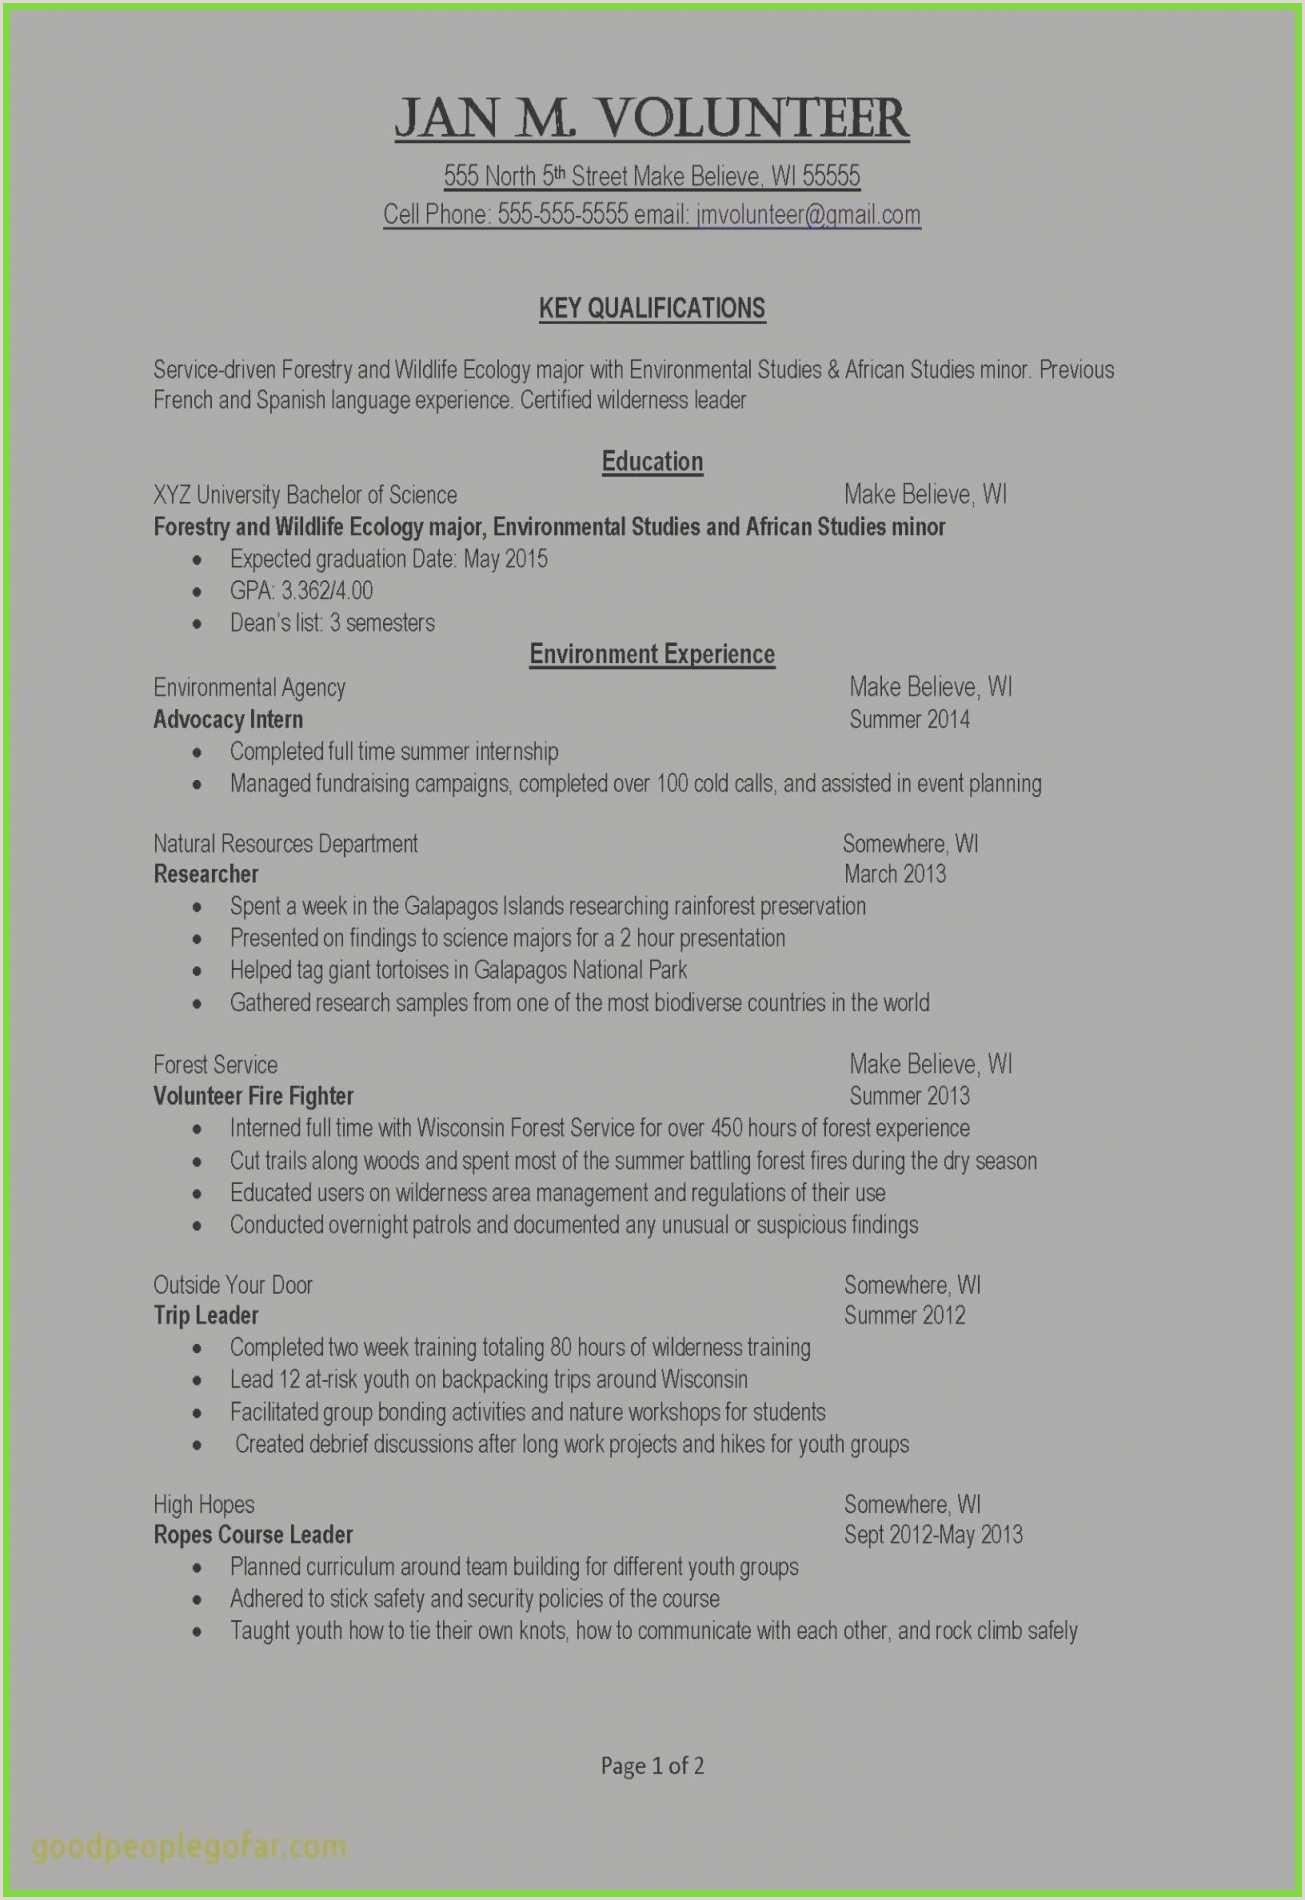 Volunteer Experience Resume Example Professional Volunteer